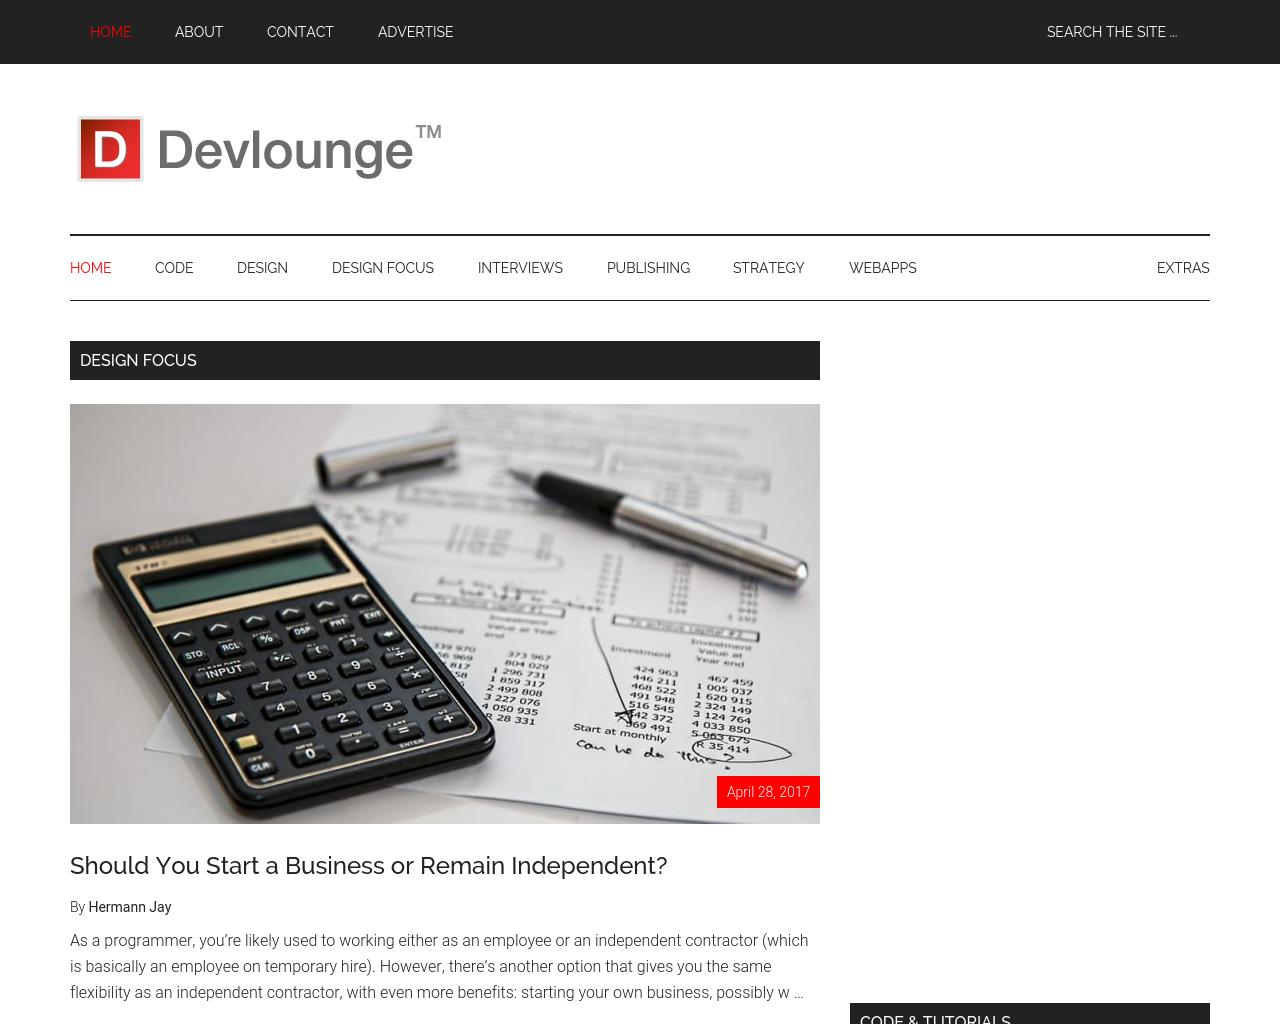 Devlounge-Advertising-Reviews-Pricing